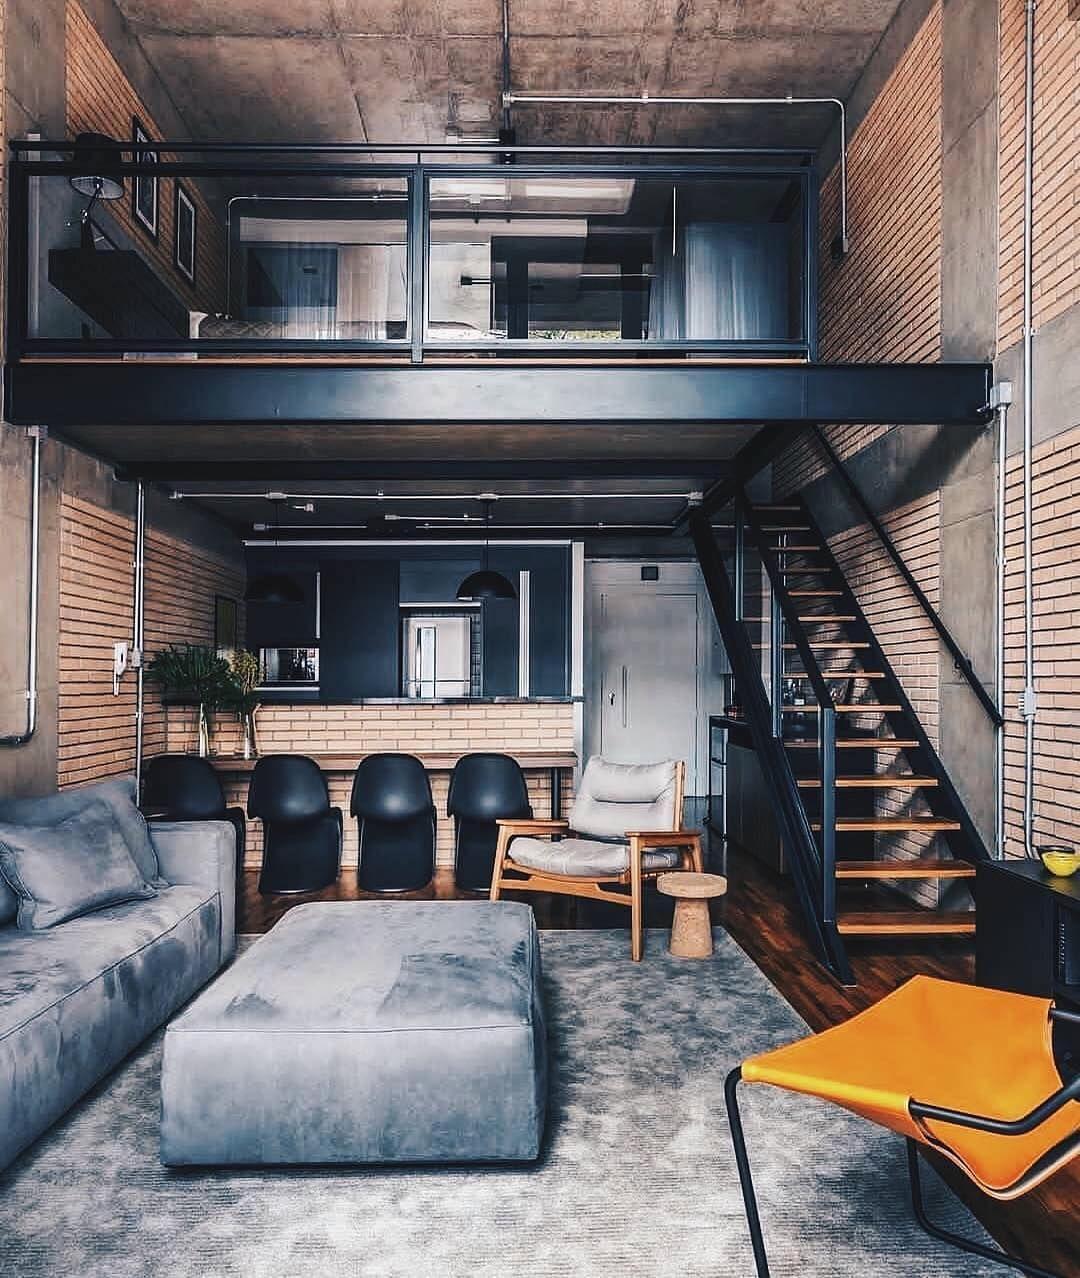 Loft interior design ideas on instagram ⠀⠀ 💡оцените дизайн от 1 до 10